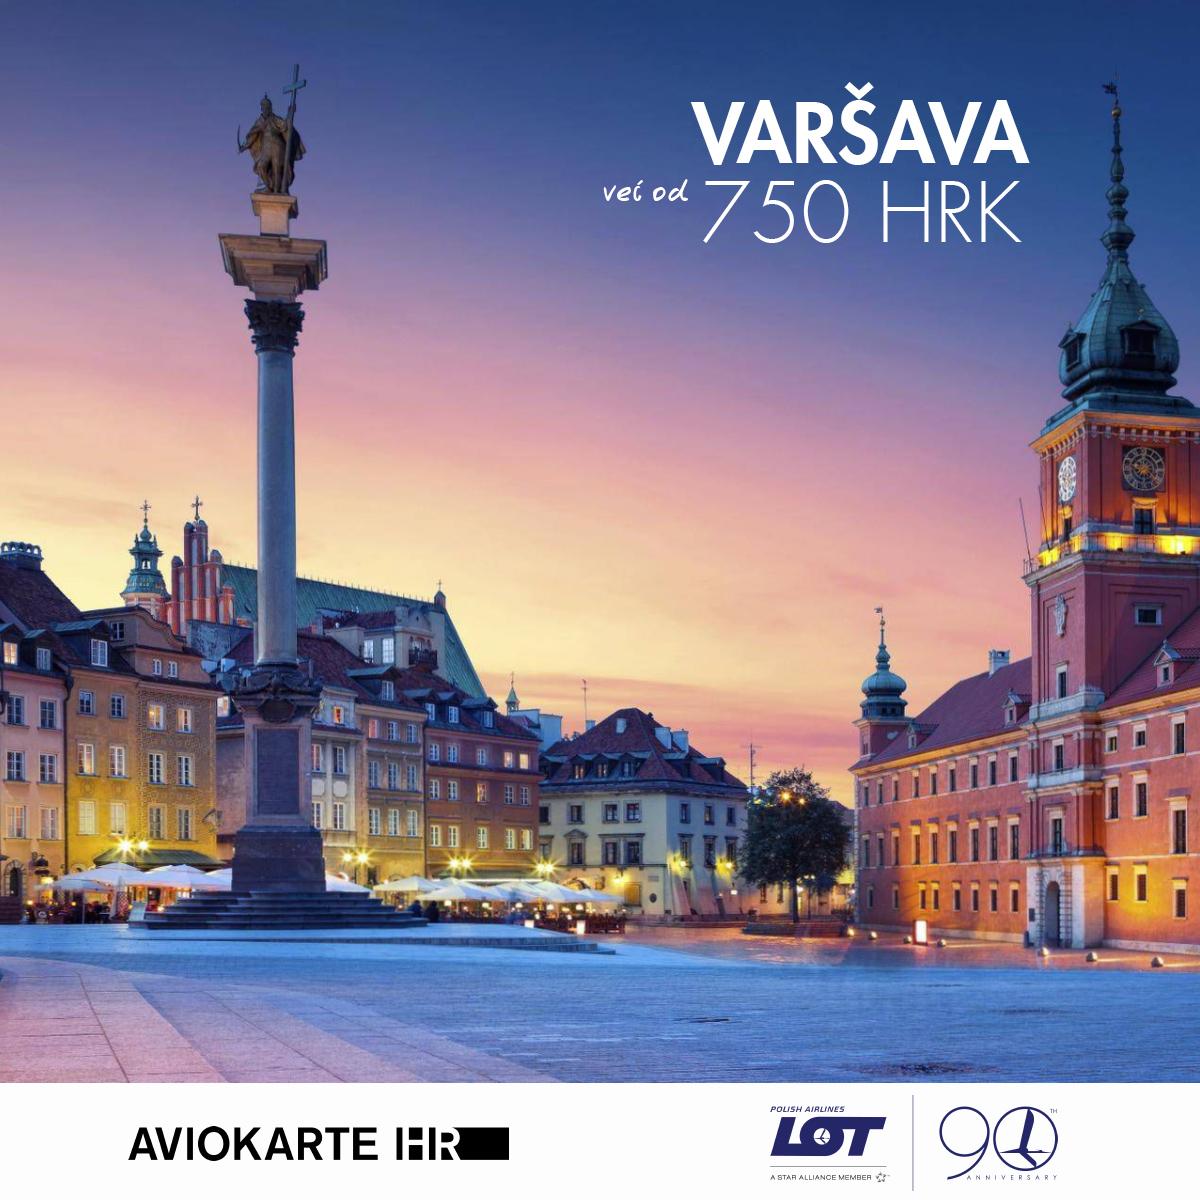 Varšava vizual, Varšava već od 750 kuna, Warsaw jeftine avio karte, putovanje za Varšavu